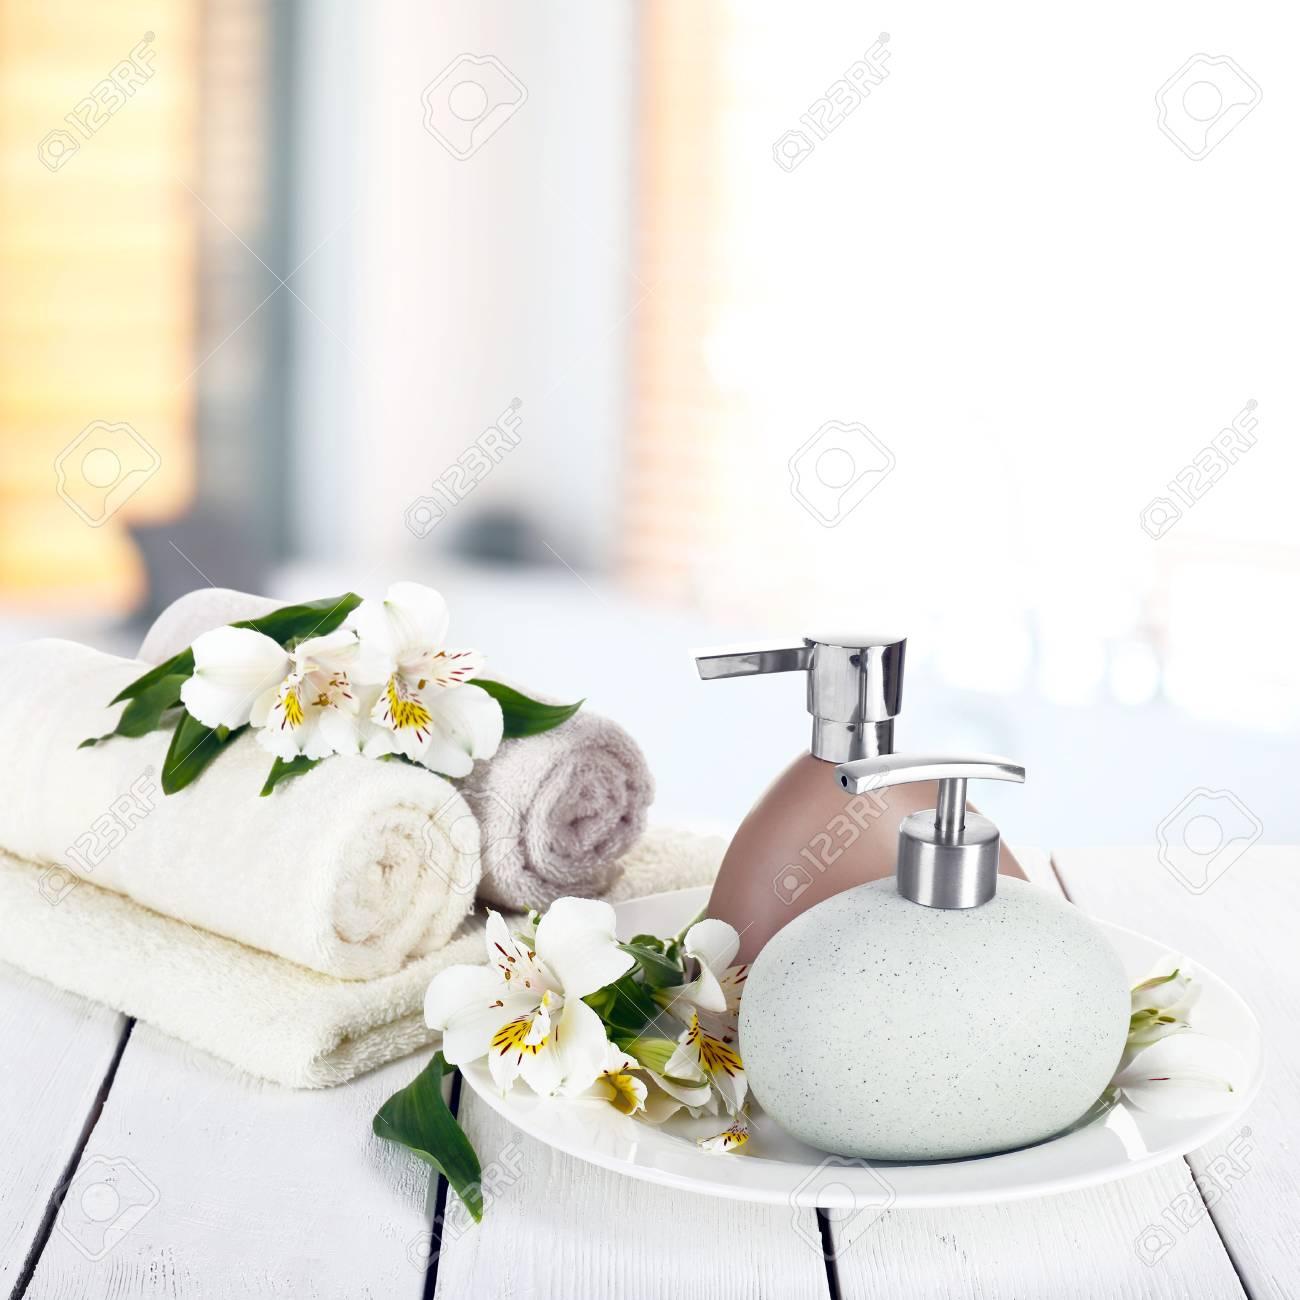 Weiche Tücher Mit Spender Und Blumen Im Badezimmer Lizenzfreie Fotos ...